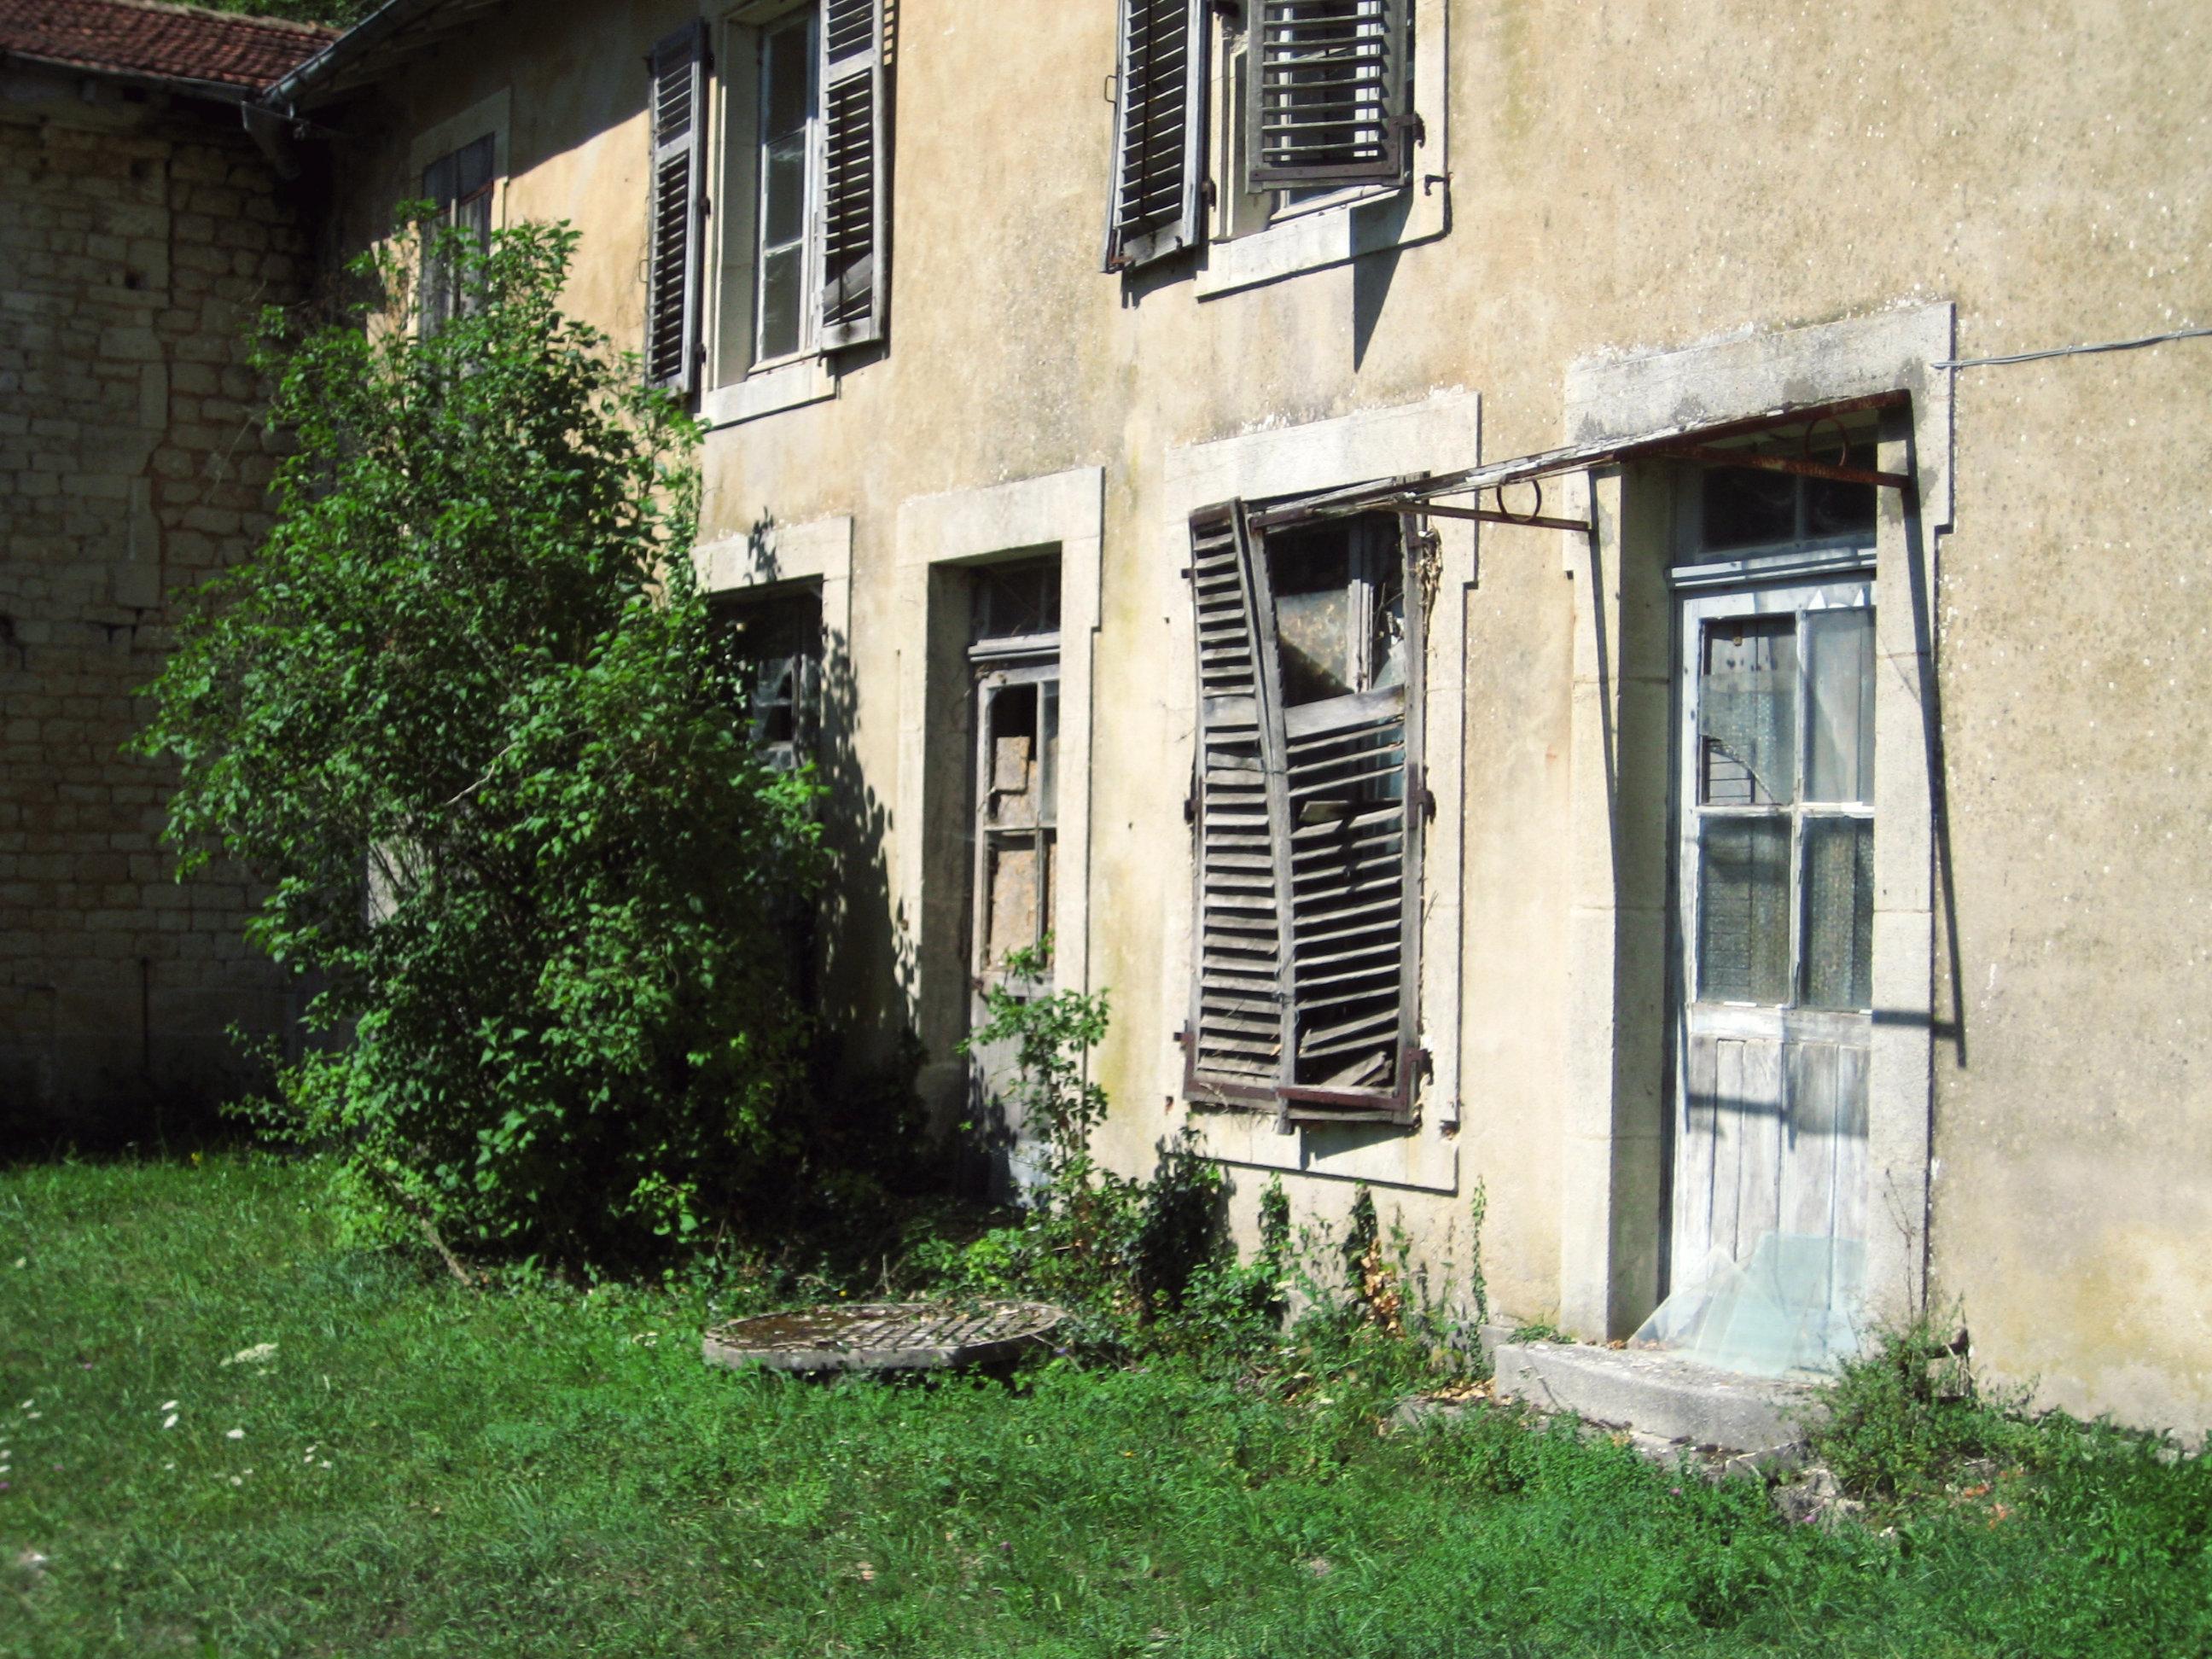 Village abandonn euville completementflou - Acheter village abandonne ...